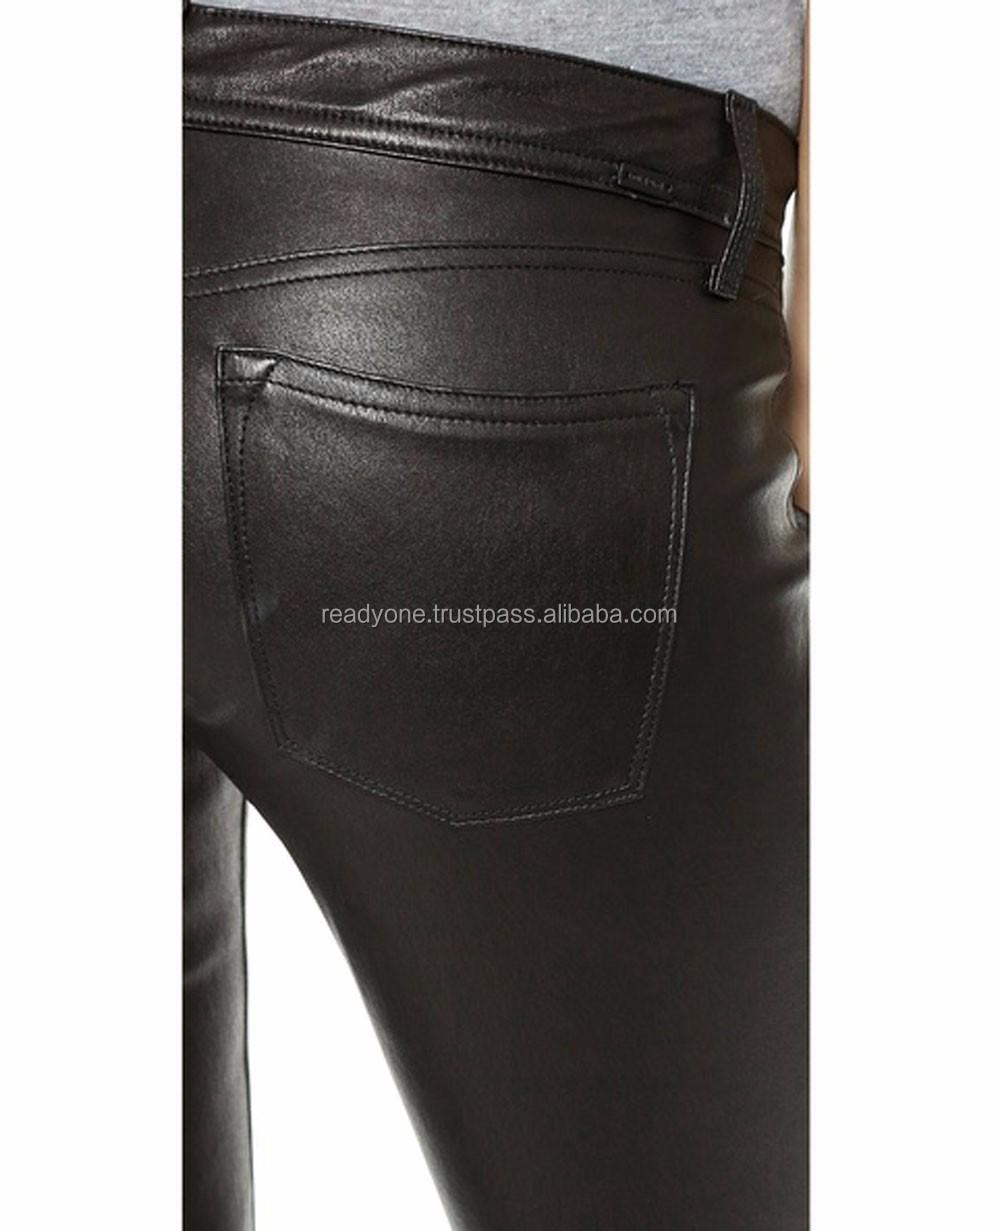 Finden Sie Hohe Qualität Herren-leder-shorts Hersteller und Herren ...